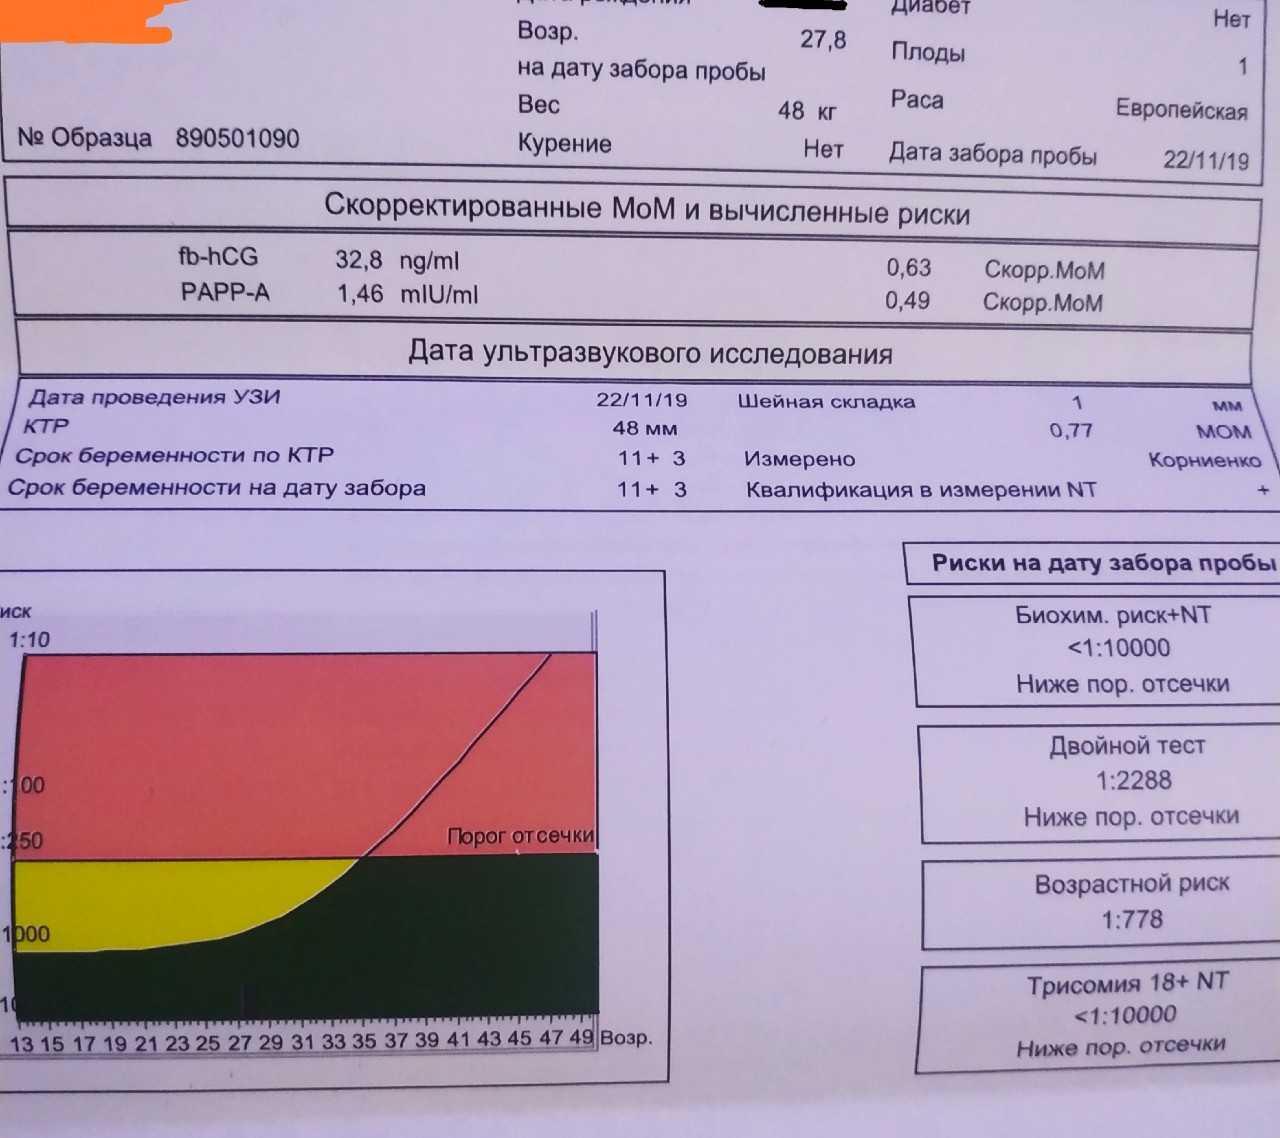 Скрининг 1 триместра (62 фото): что это такое, когда делаеют, нормы показателей и расшифровка результатов перинатального скрининга при беременности, возрастные риски, диета и подготовка